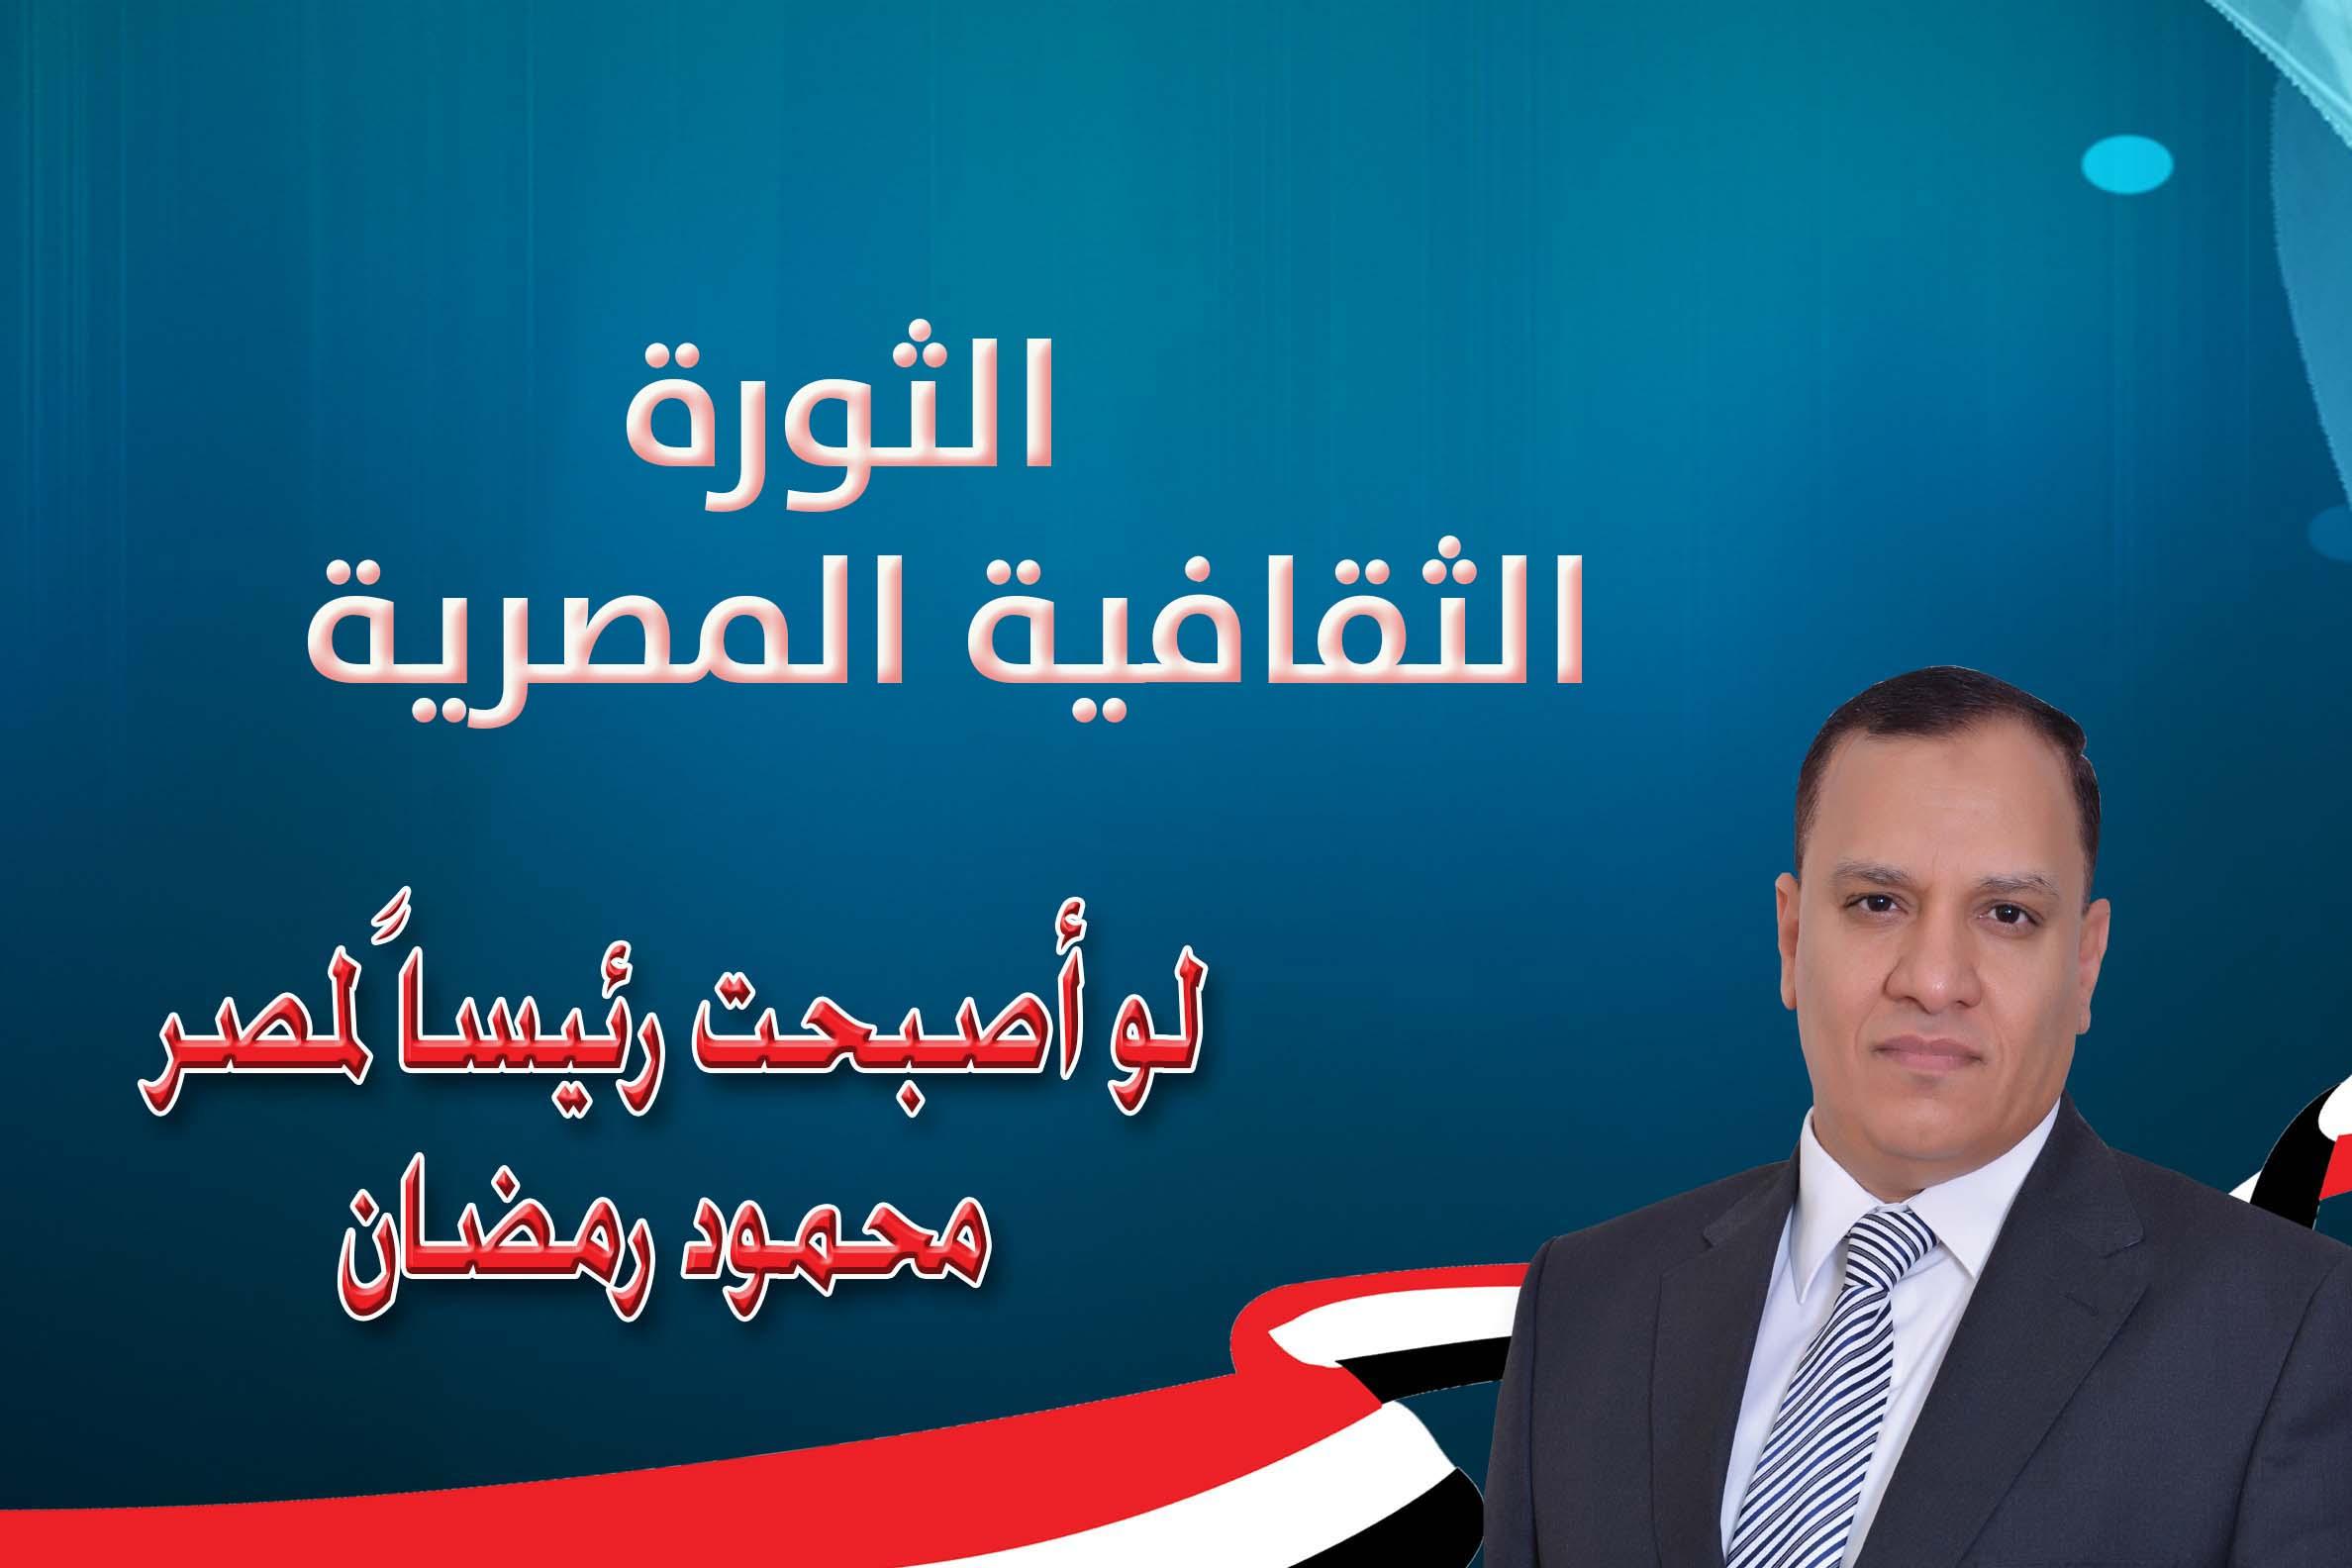 الثورة الثقافية المصرية